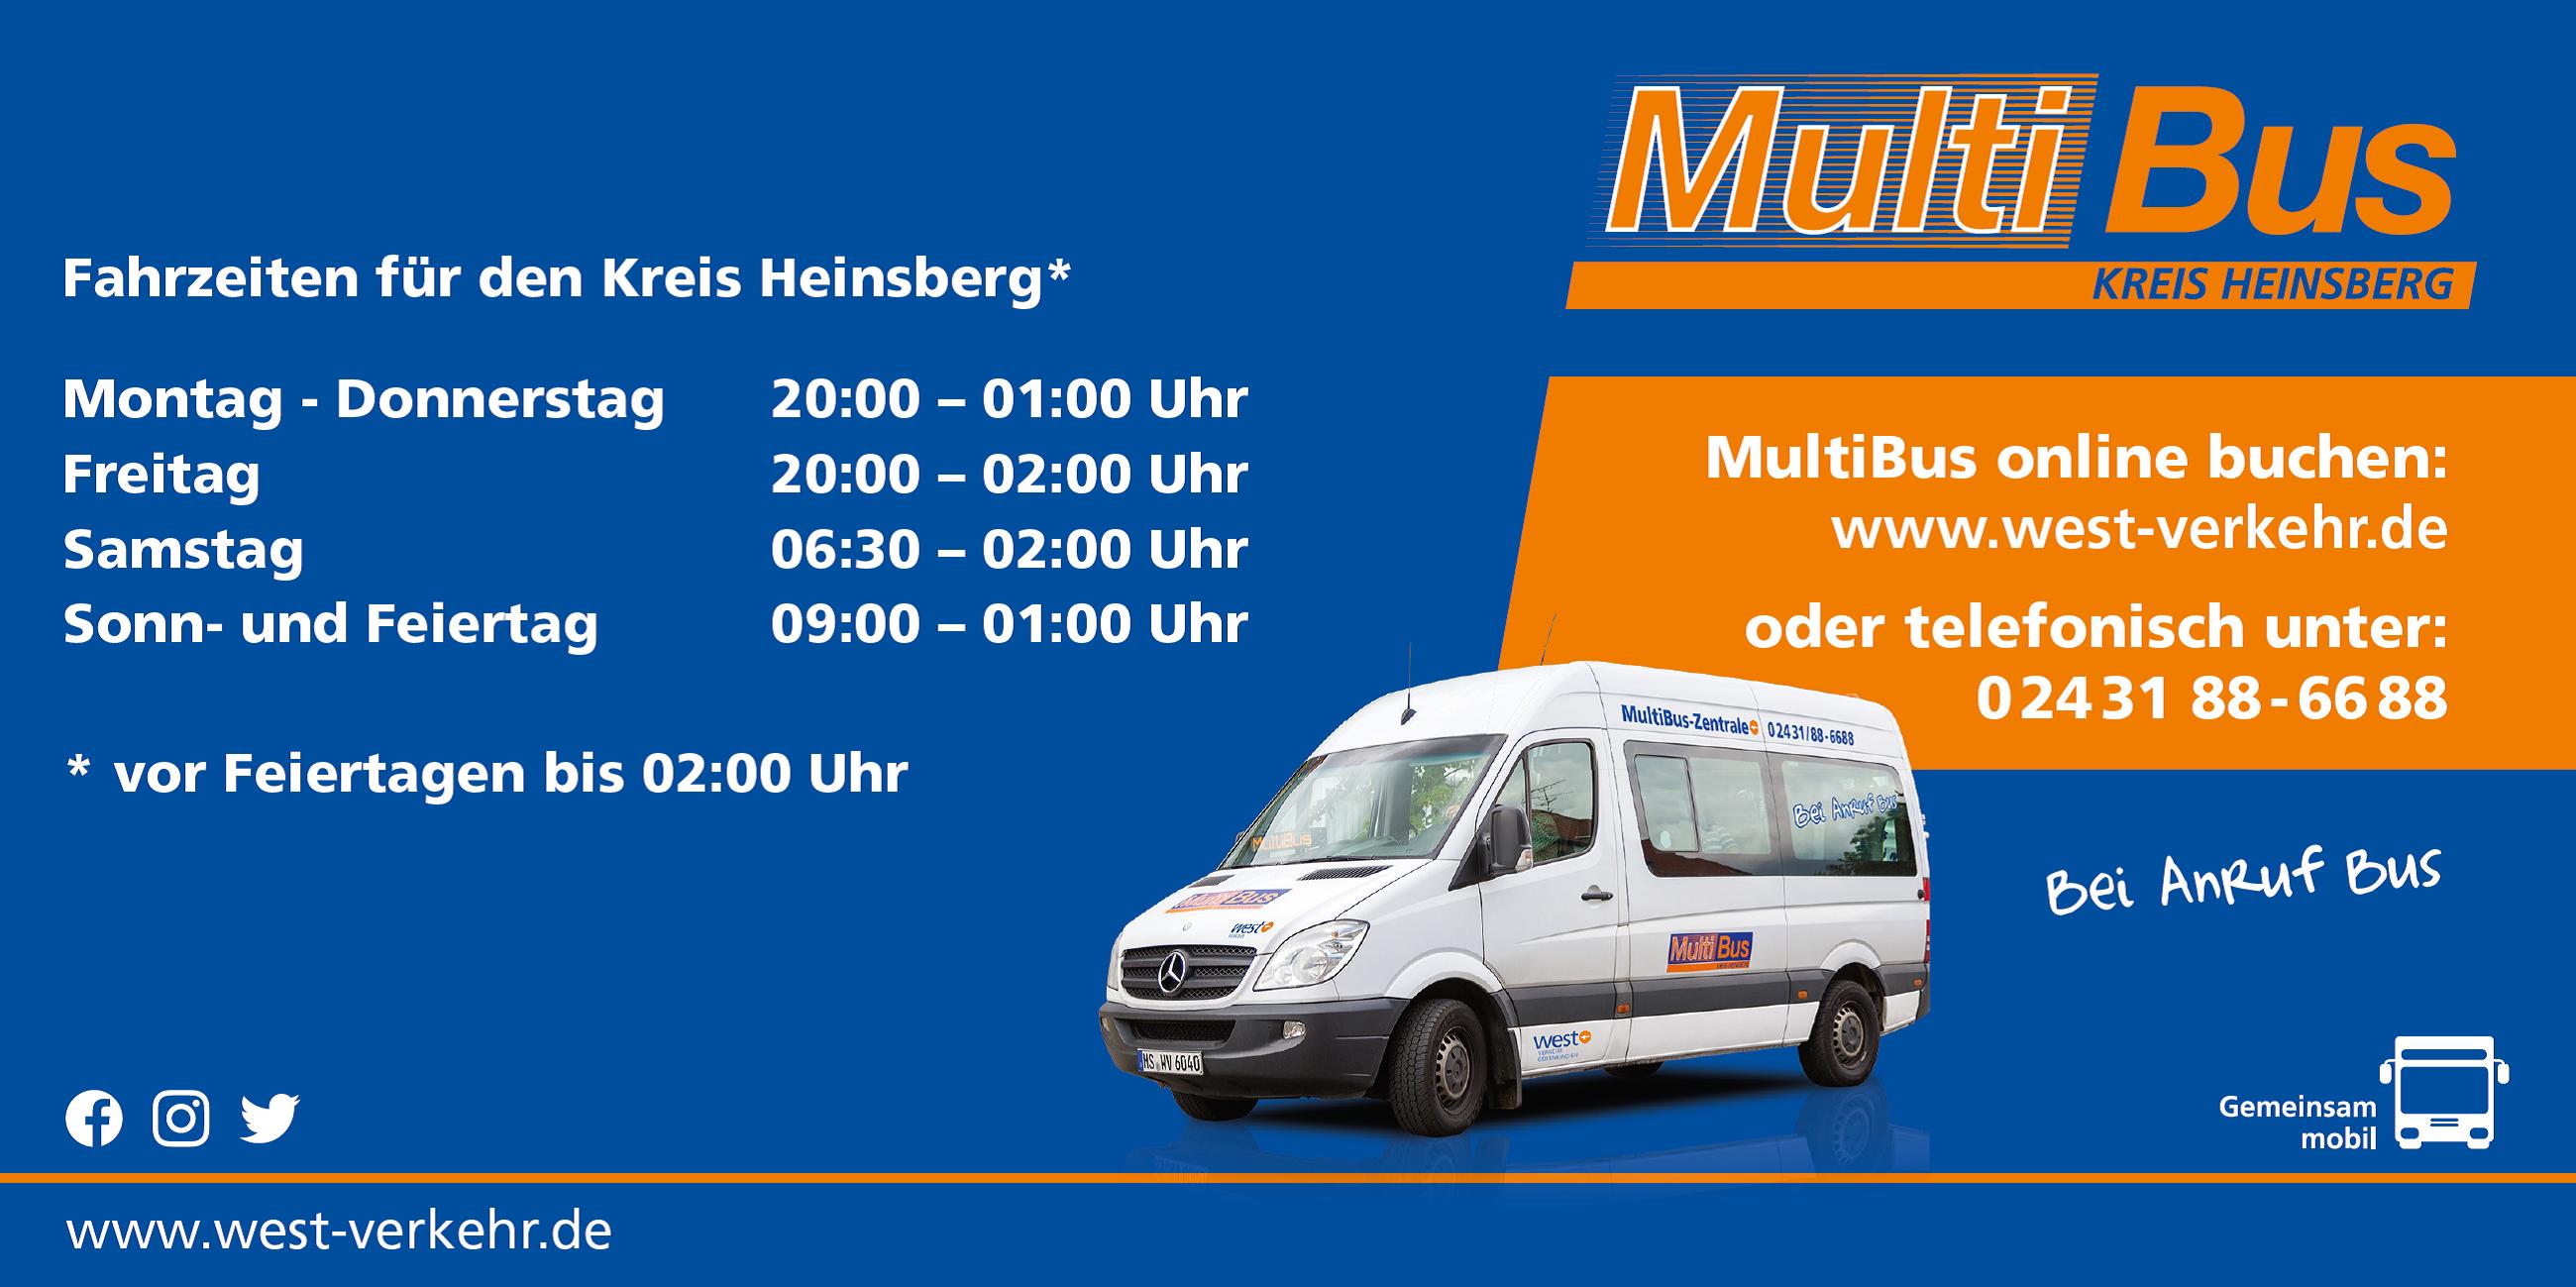 Bild_Multibus